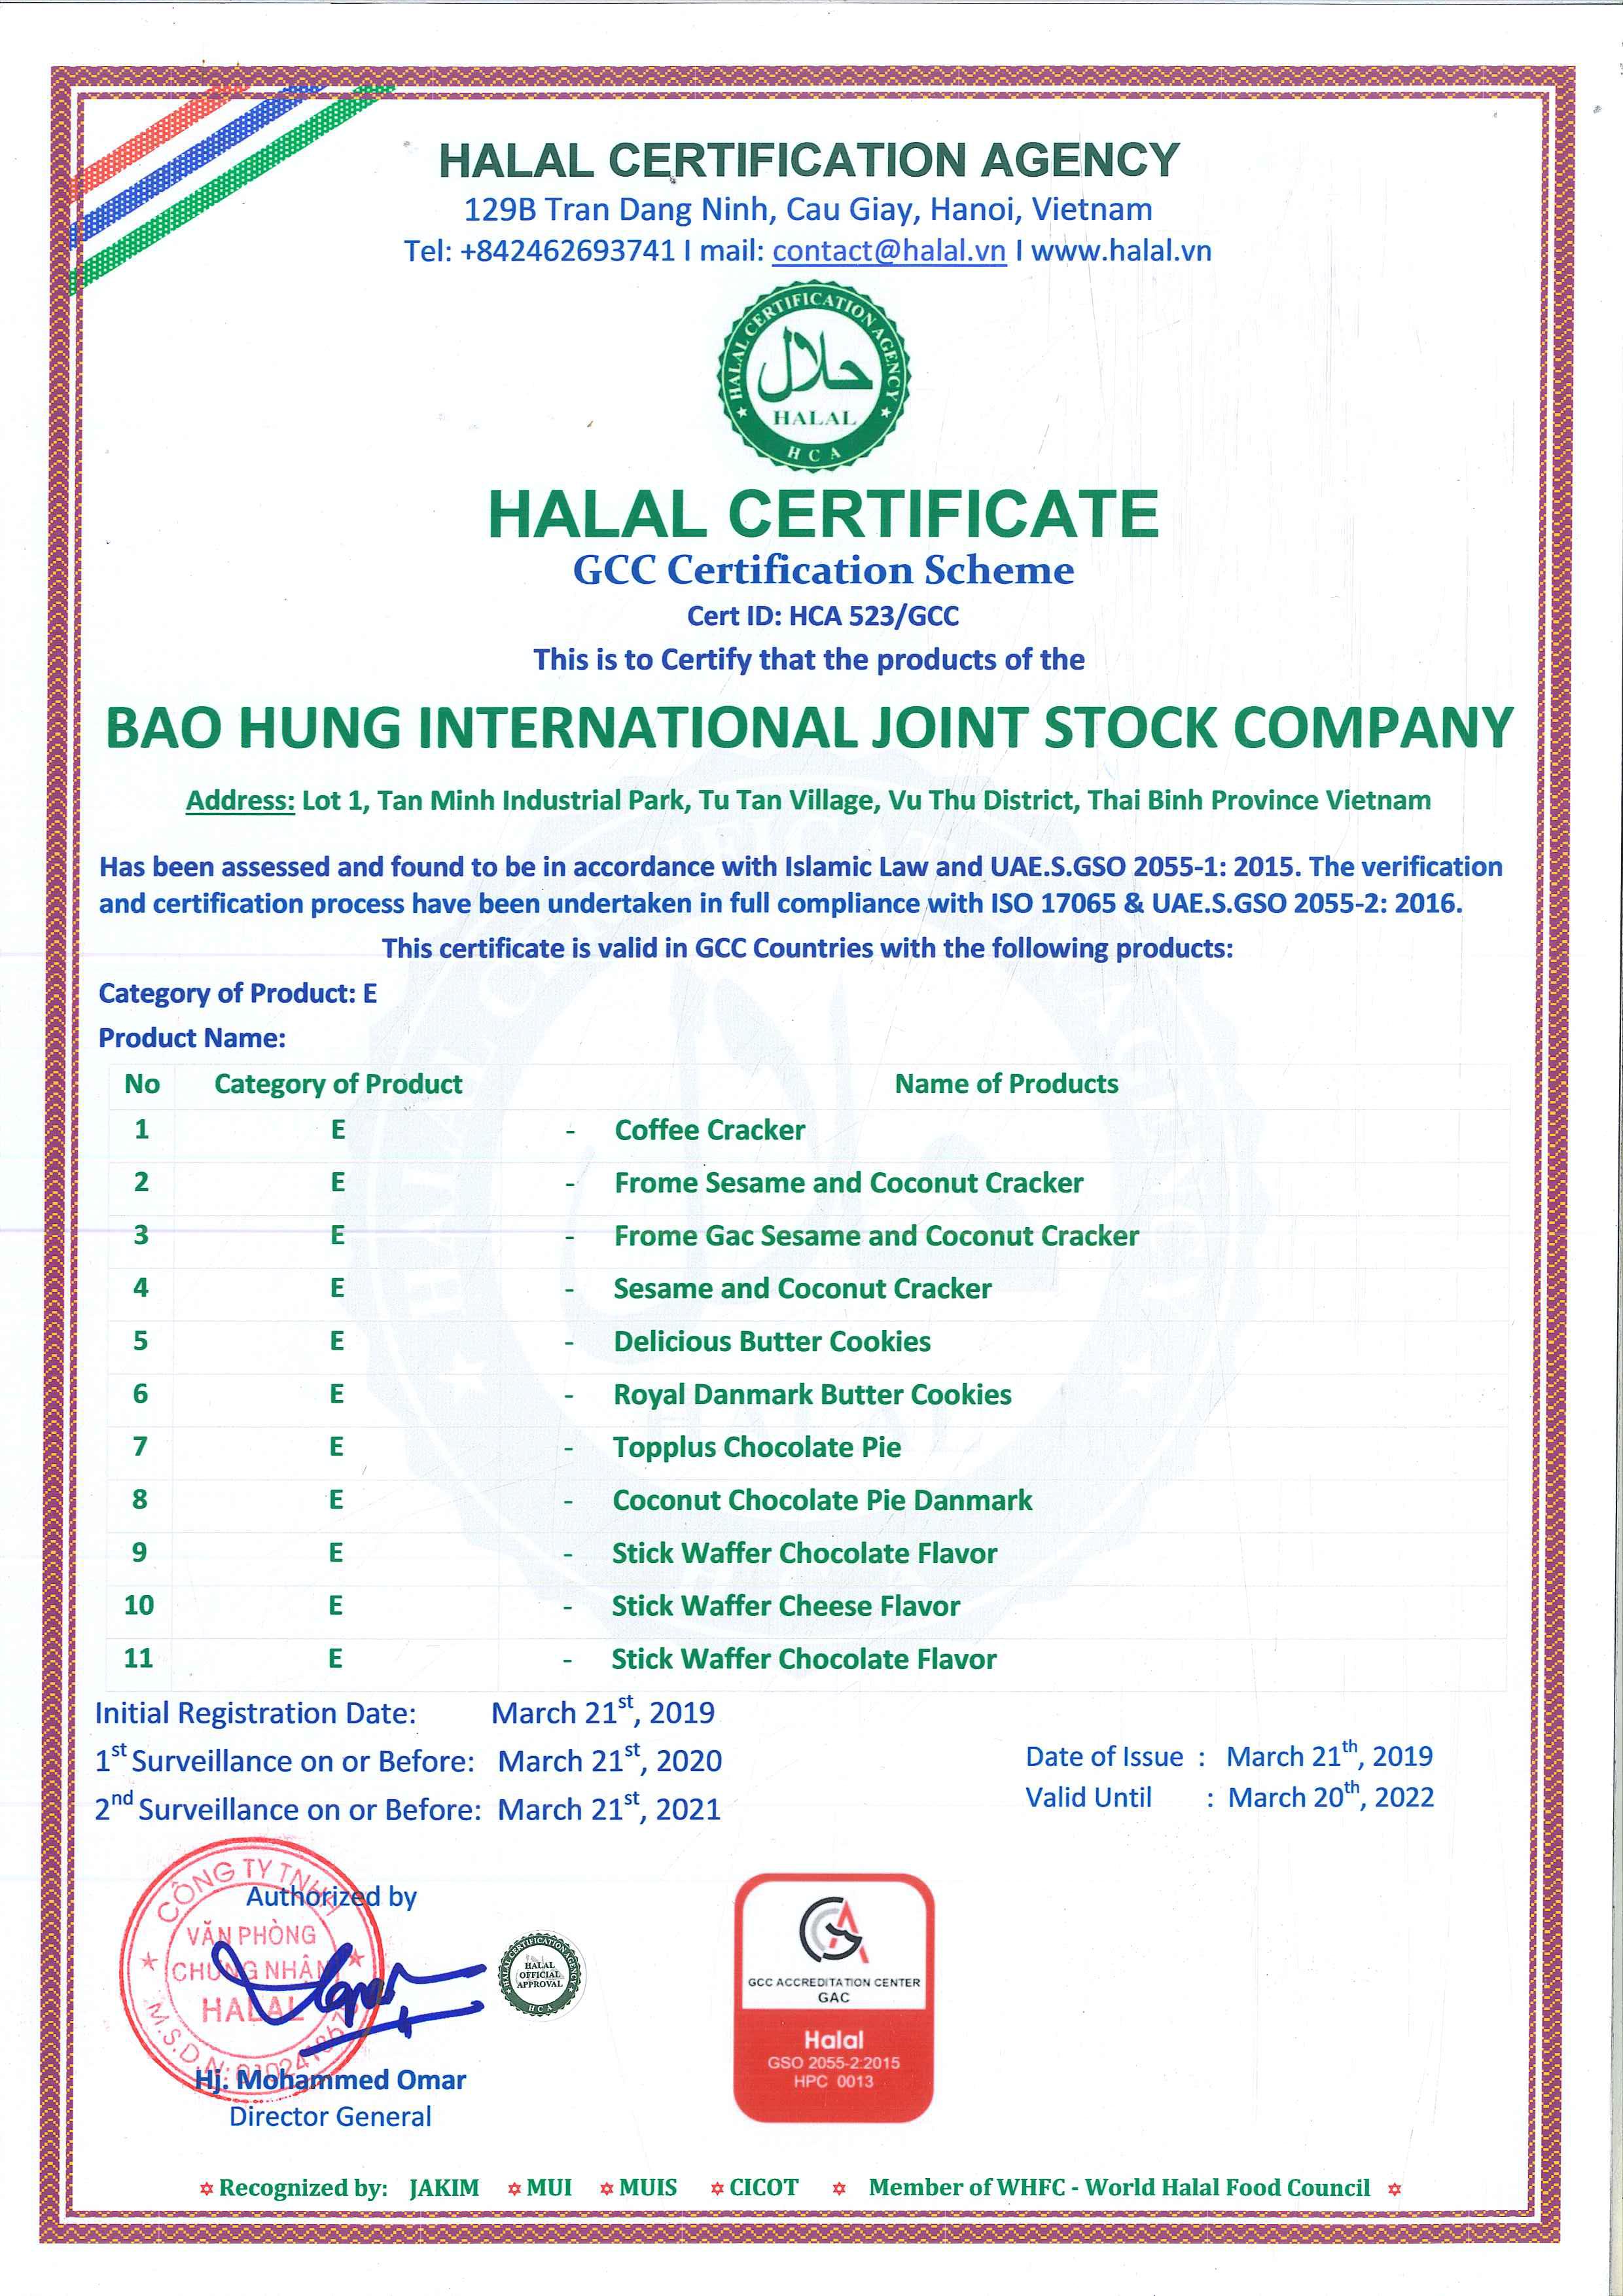 Giấy-chứng-nhận-Halal